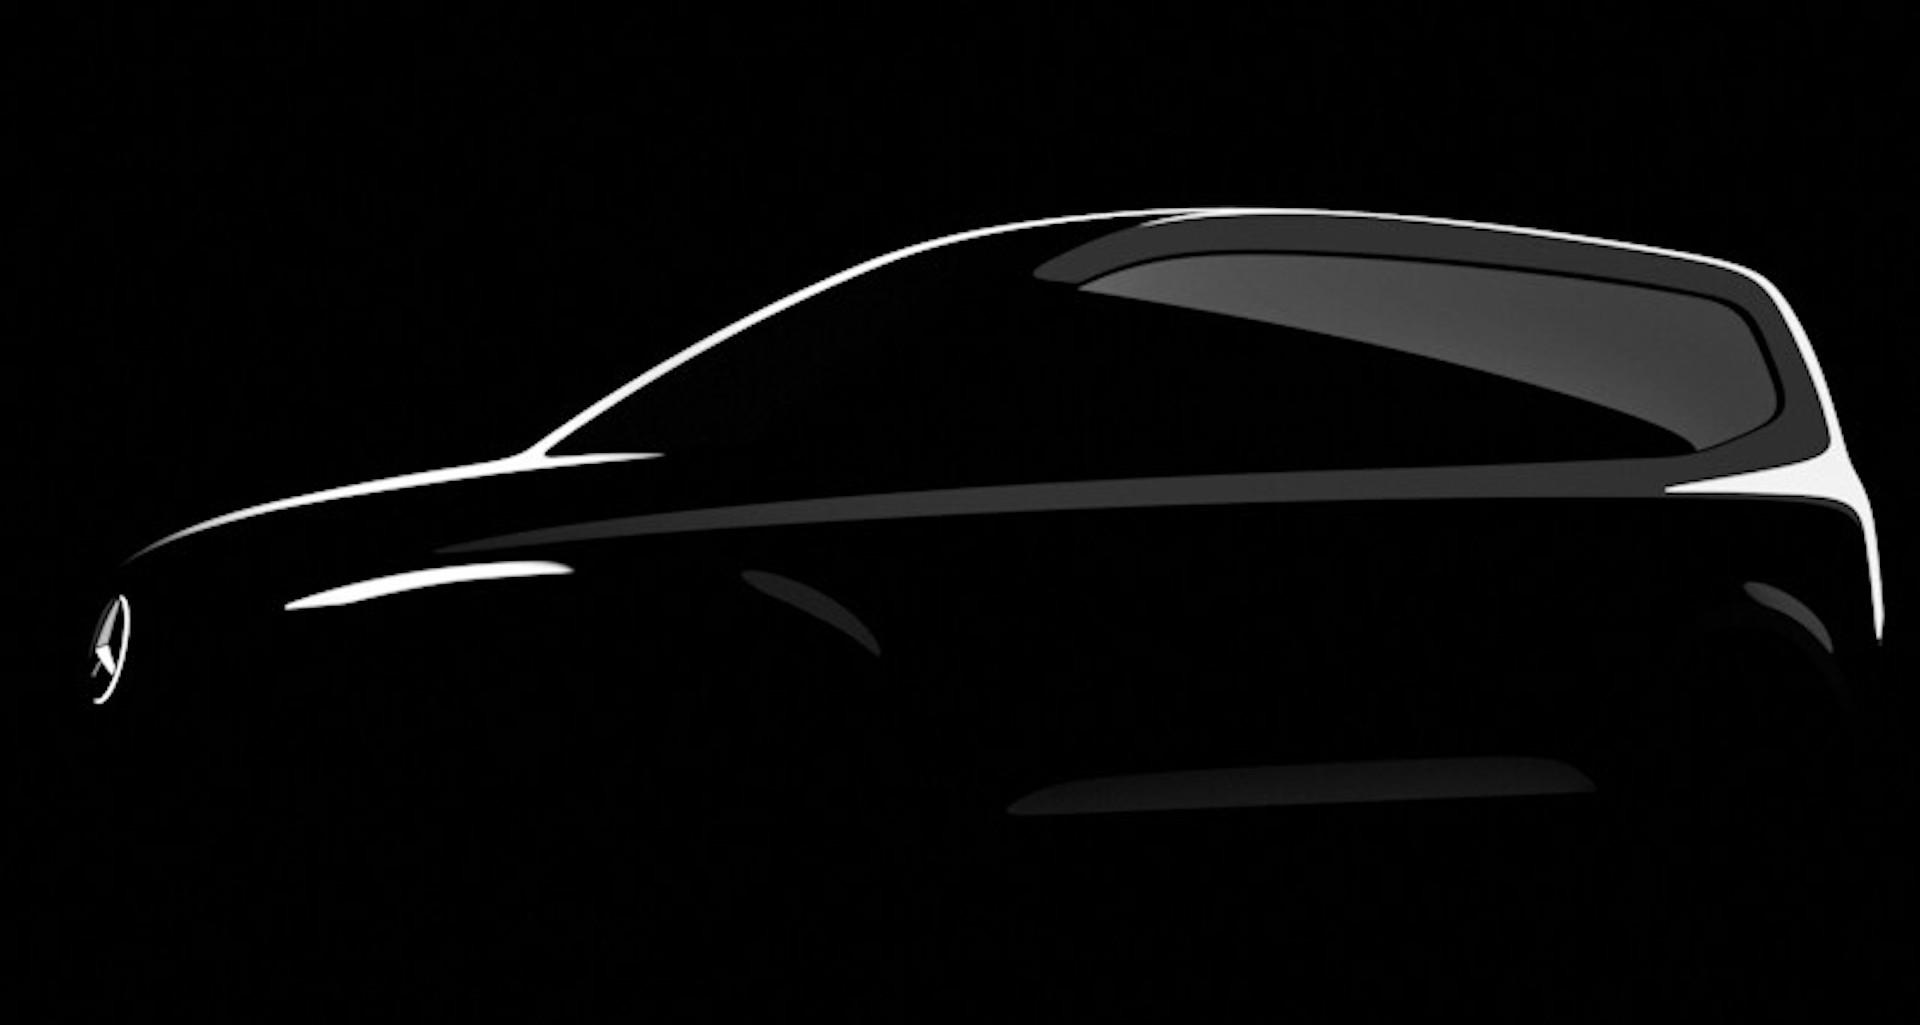 Mercedes Benz Eqt Concept Teaser 2